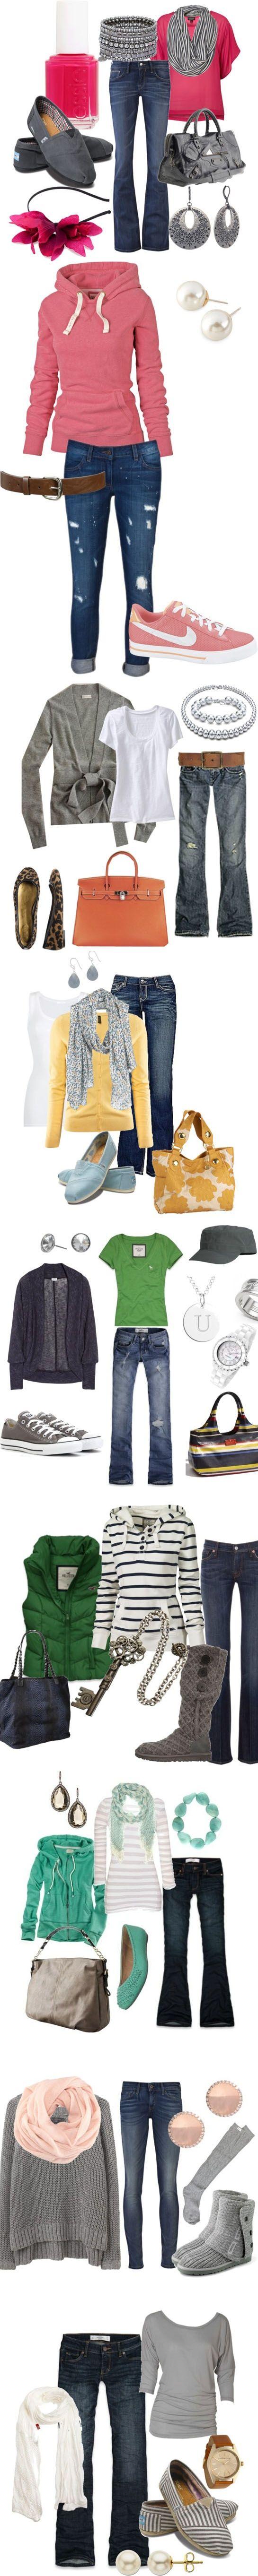 26 Fall Fashions